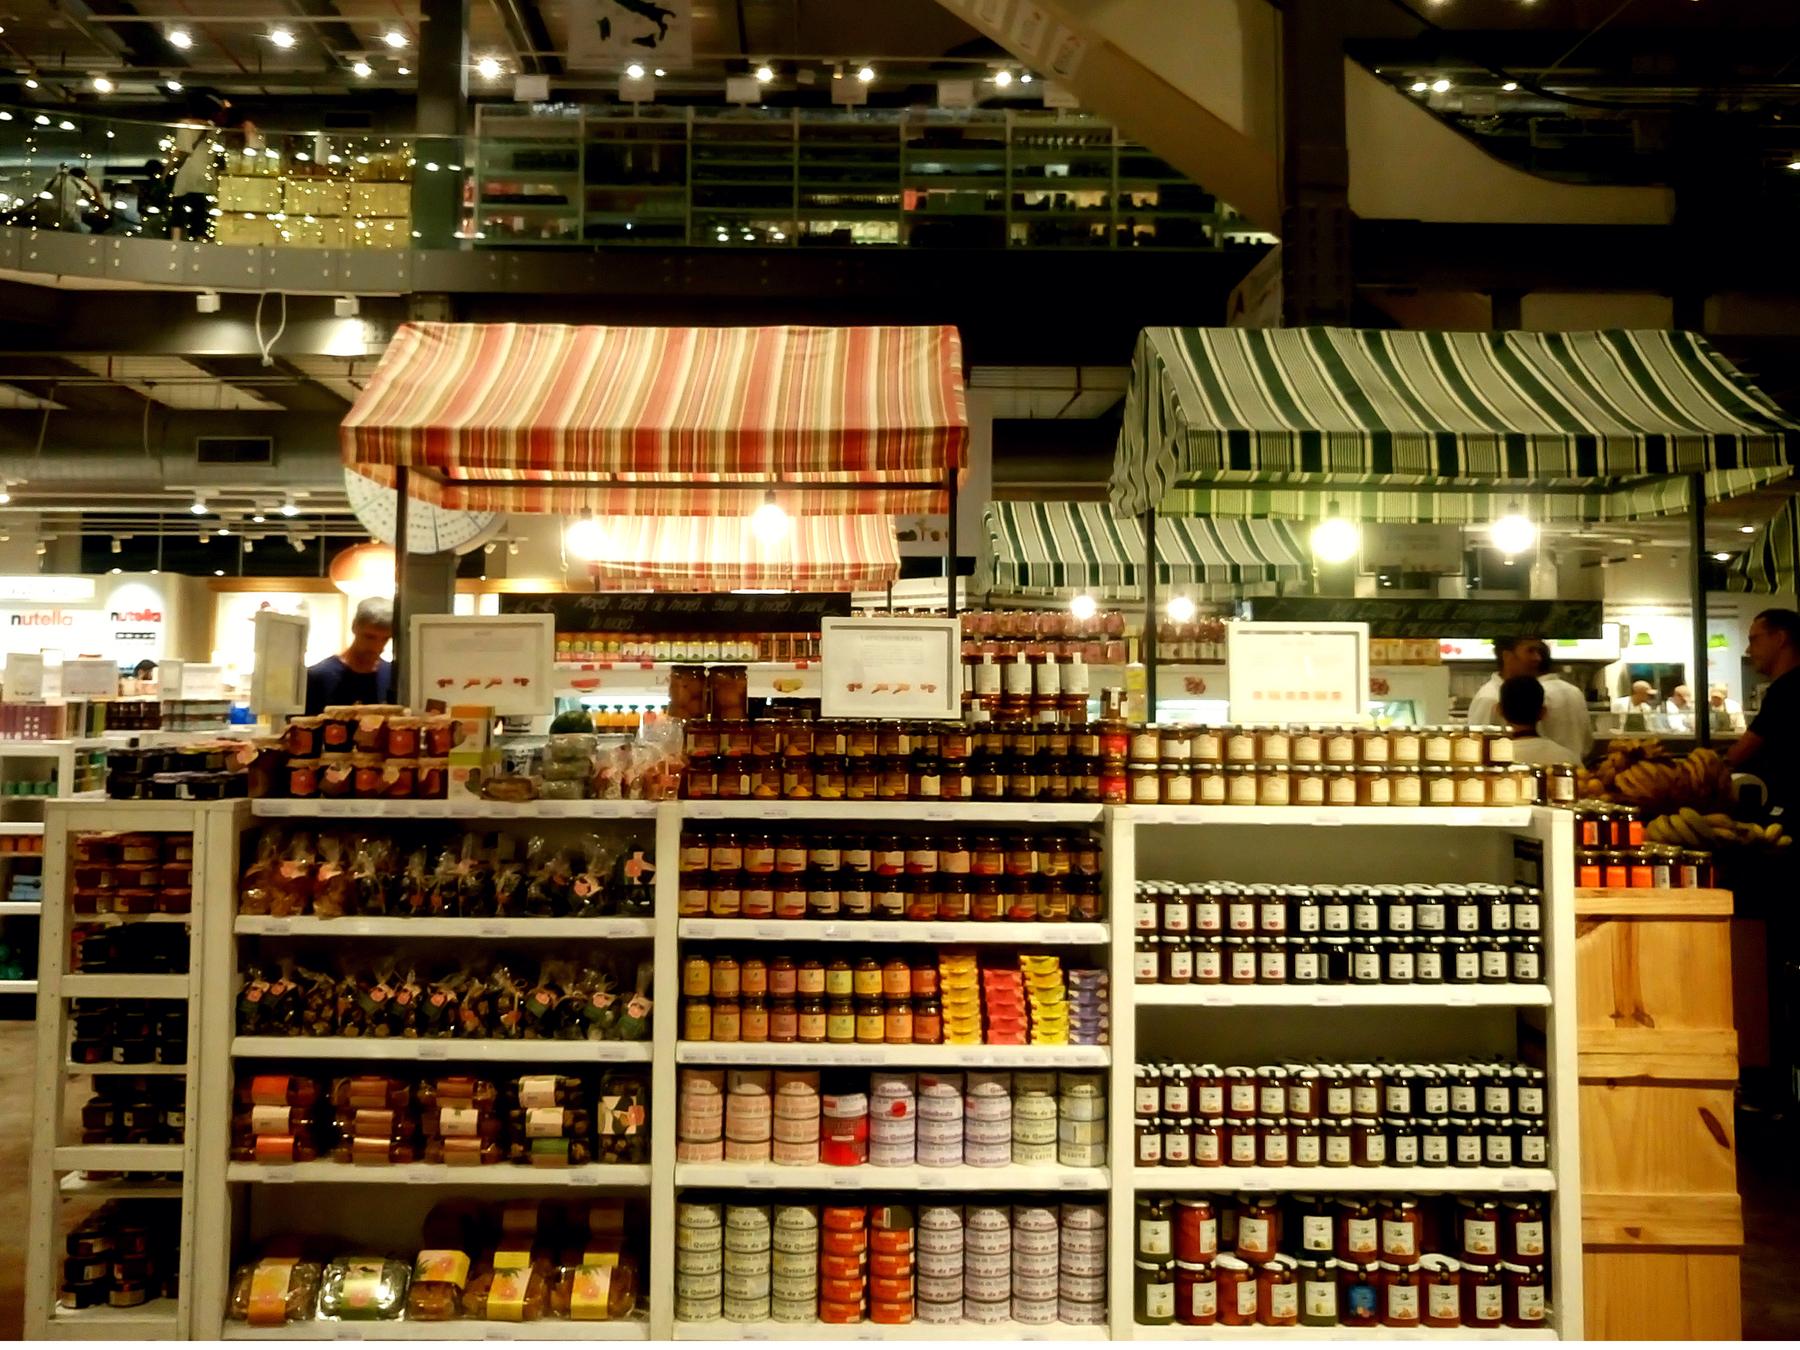 curiosidades-e-Dicas-Eataly-São-Paulo-produtos-3-1 Curiosidades e Dicas Eataly São Paulo